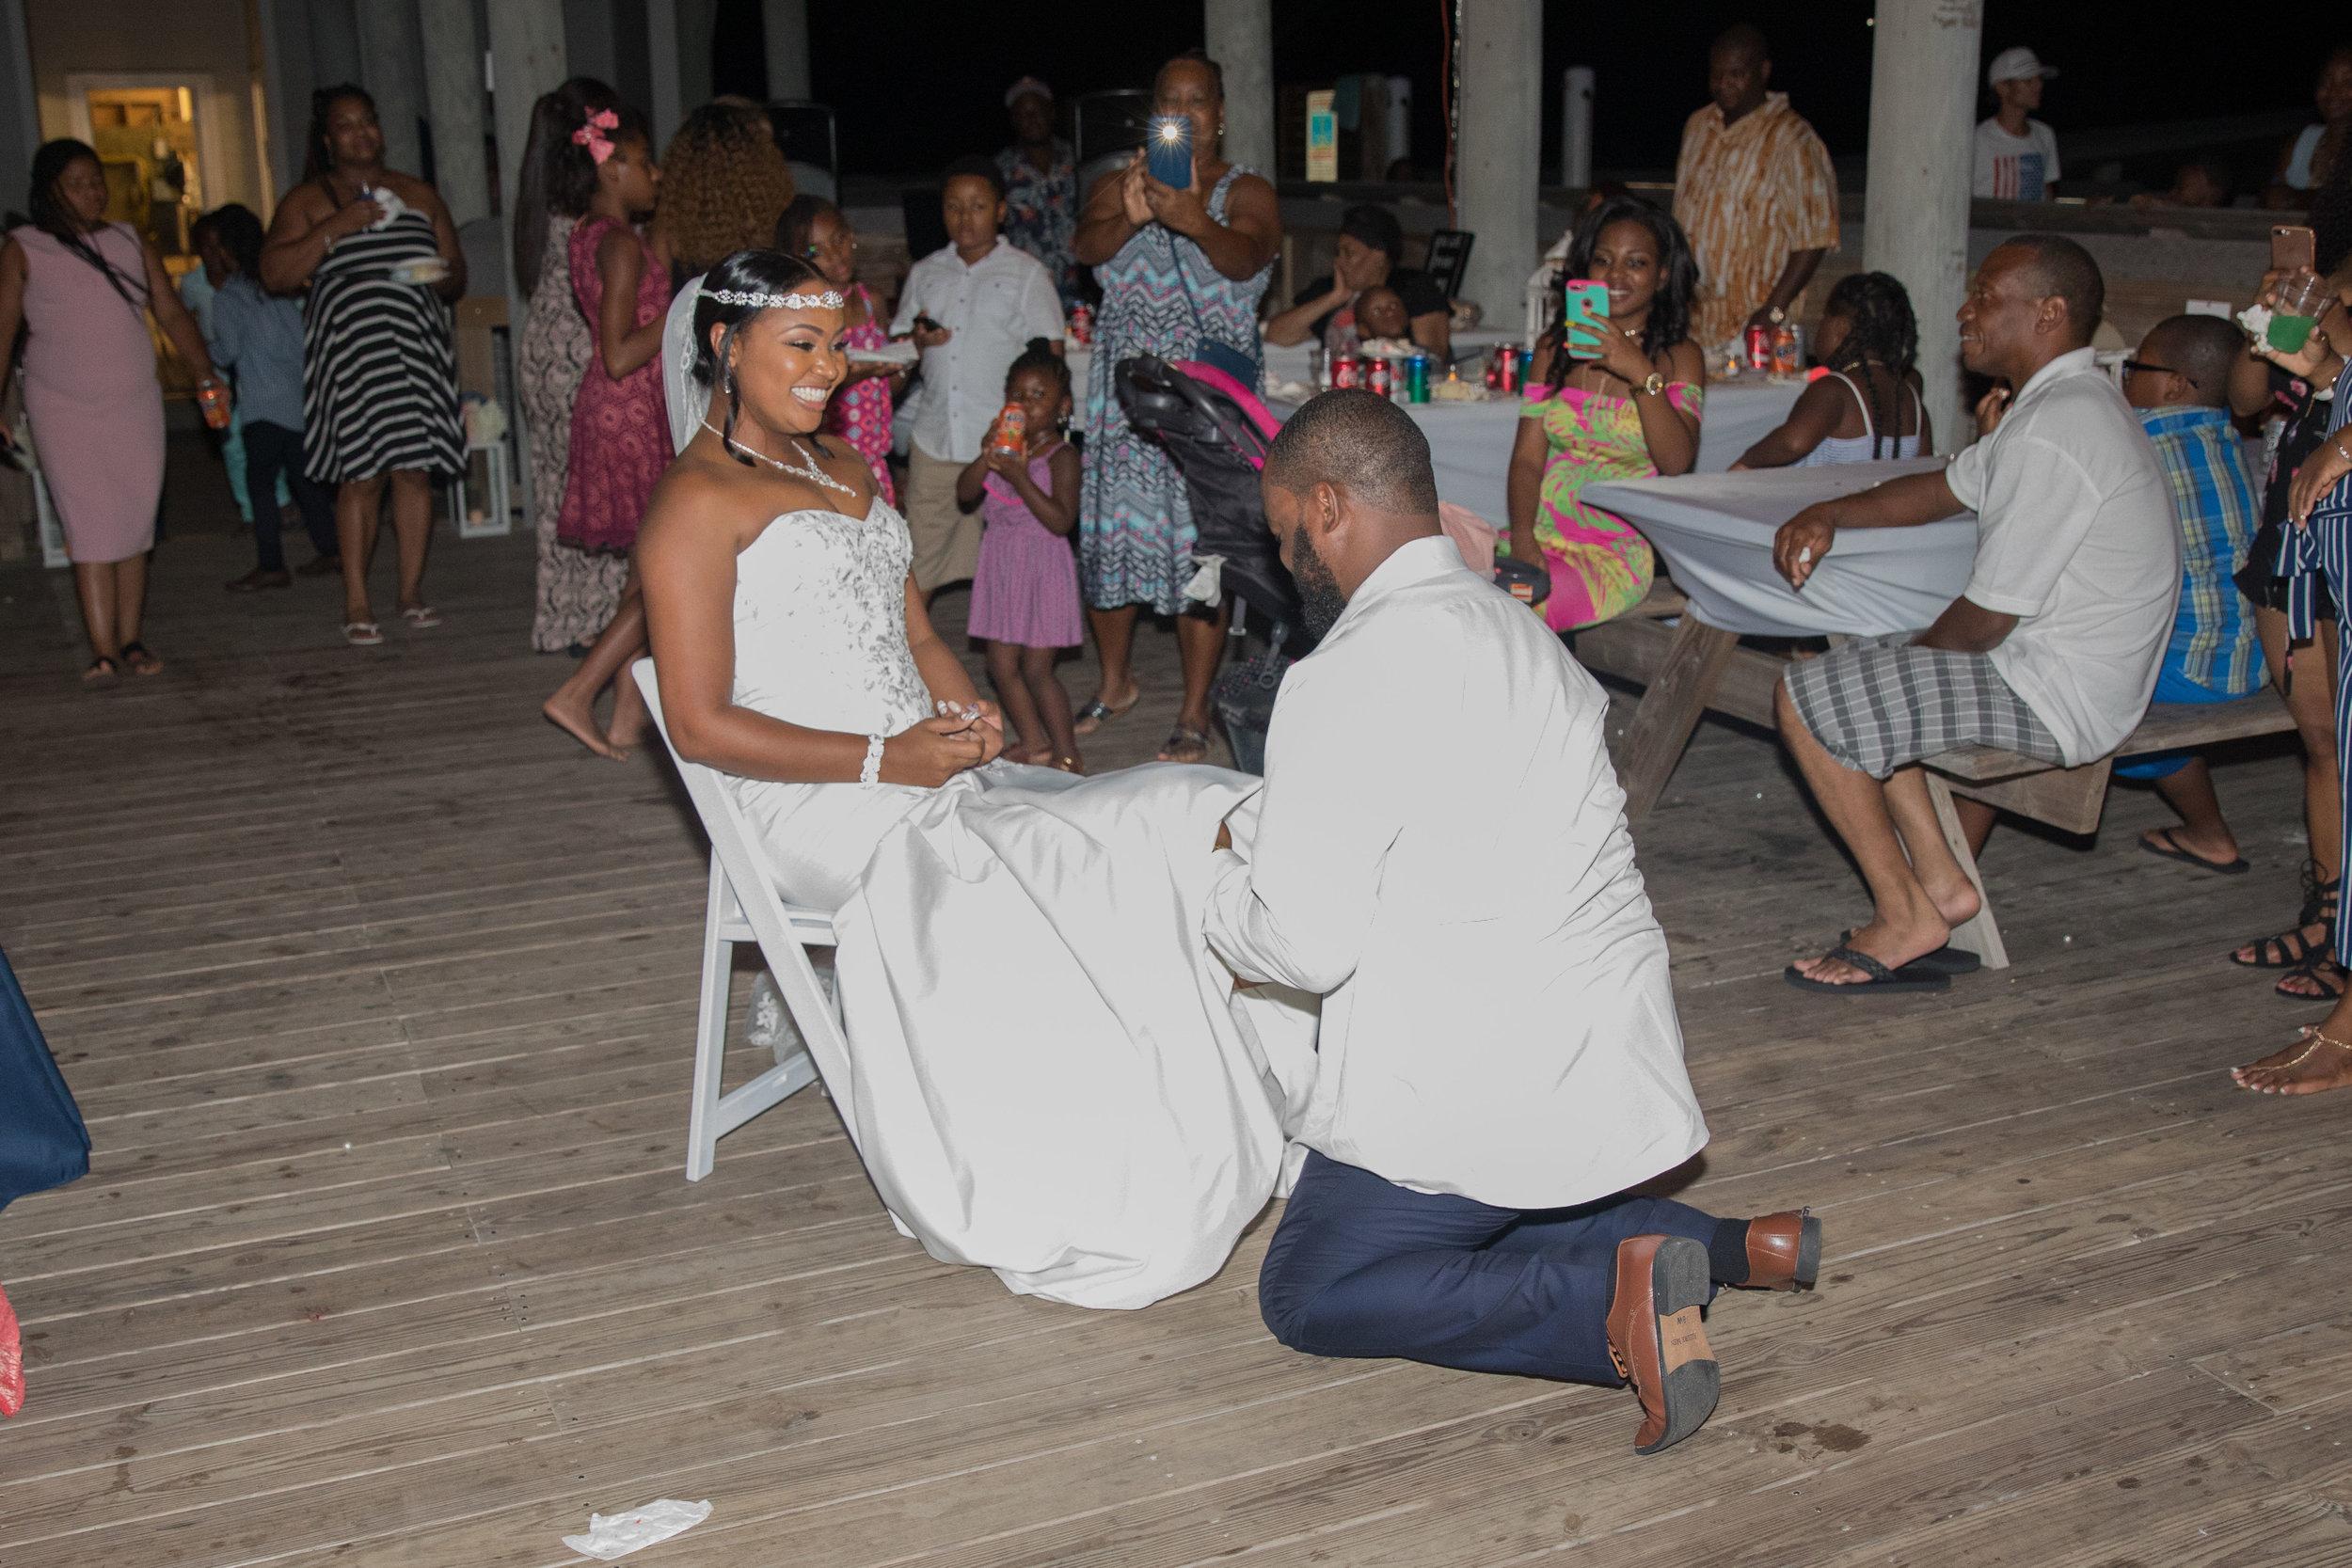 destin beach wedding package picture99_ (4).jpg